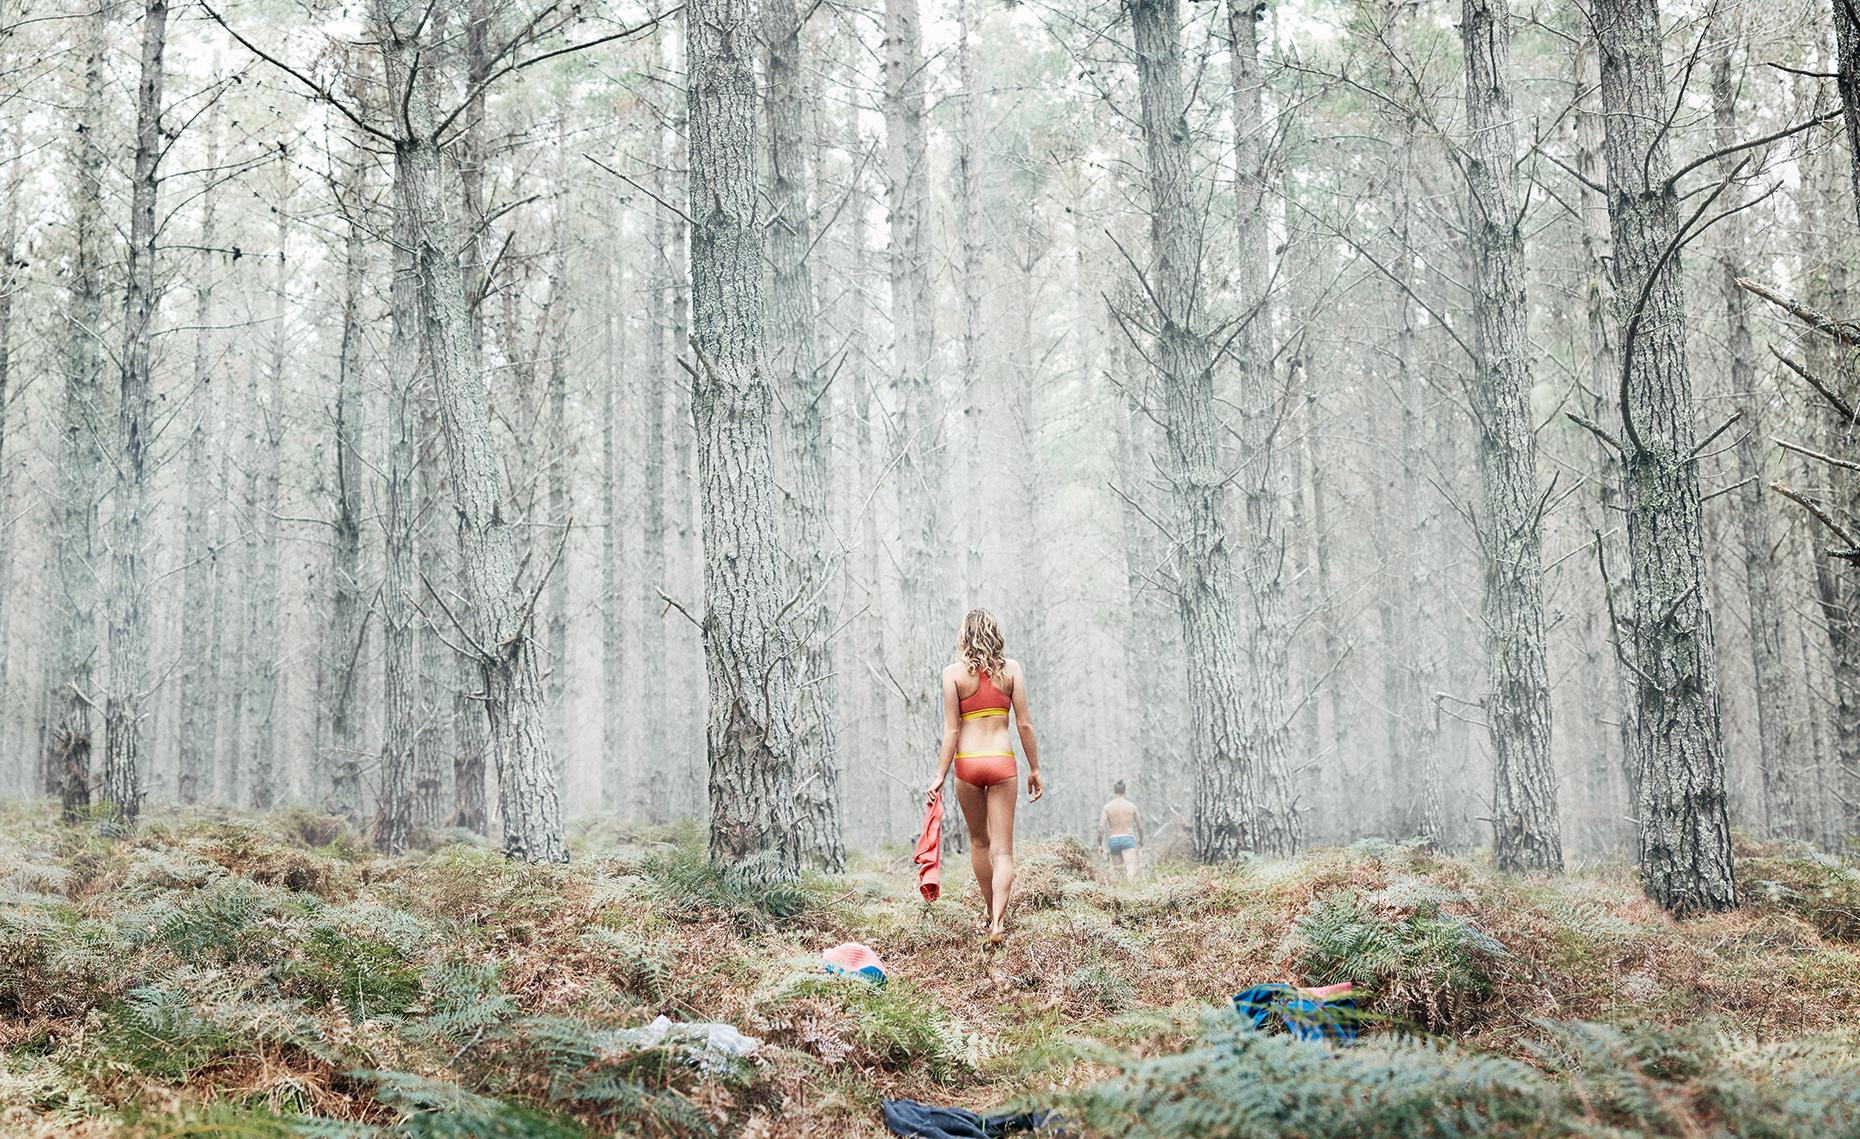 FW15_WM_Underwear_Forest_1133_ISO_CMYK.jpg